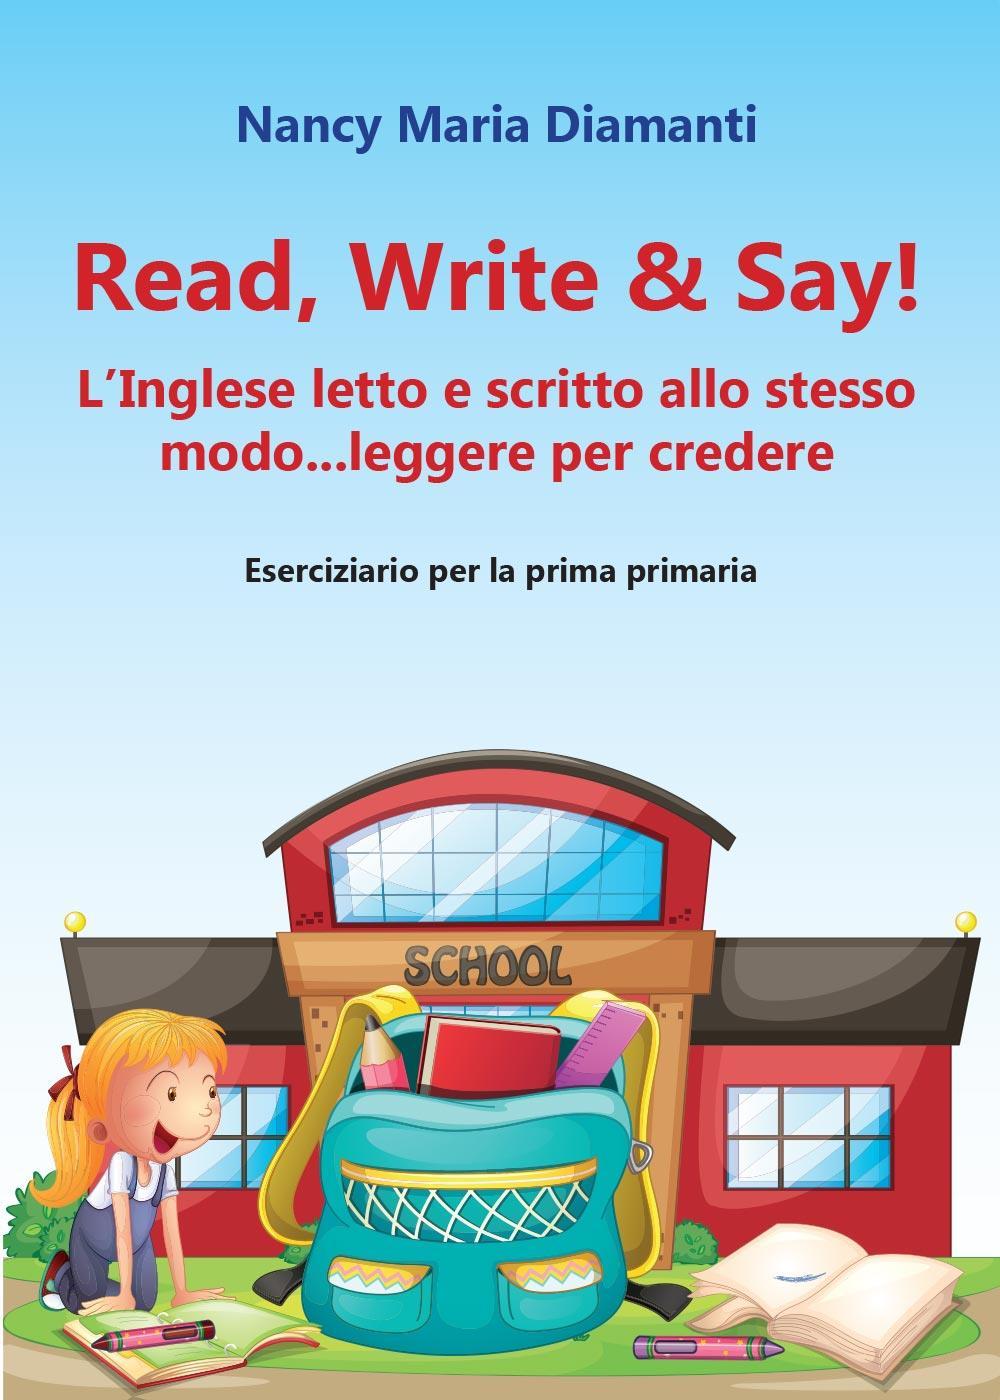 Read, write & say! L'inglese letto e scritto allo stesso modo... leggere per credere. Eserciziario per la prima primaria